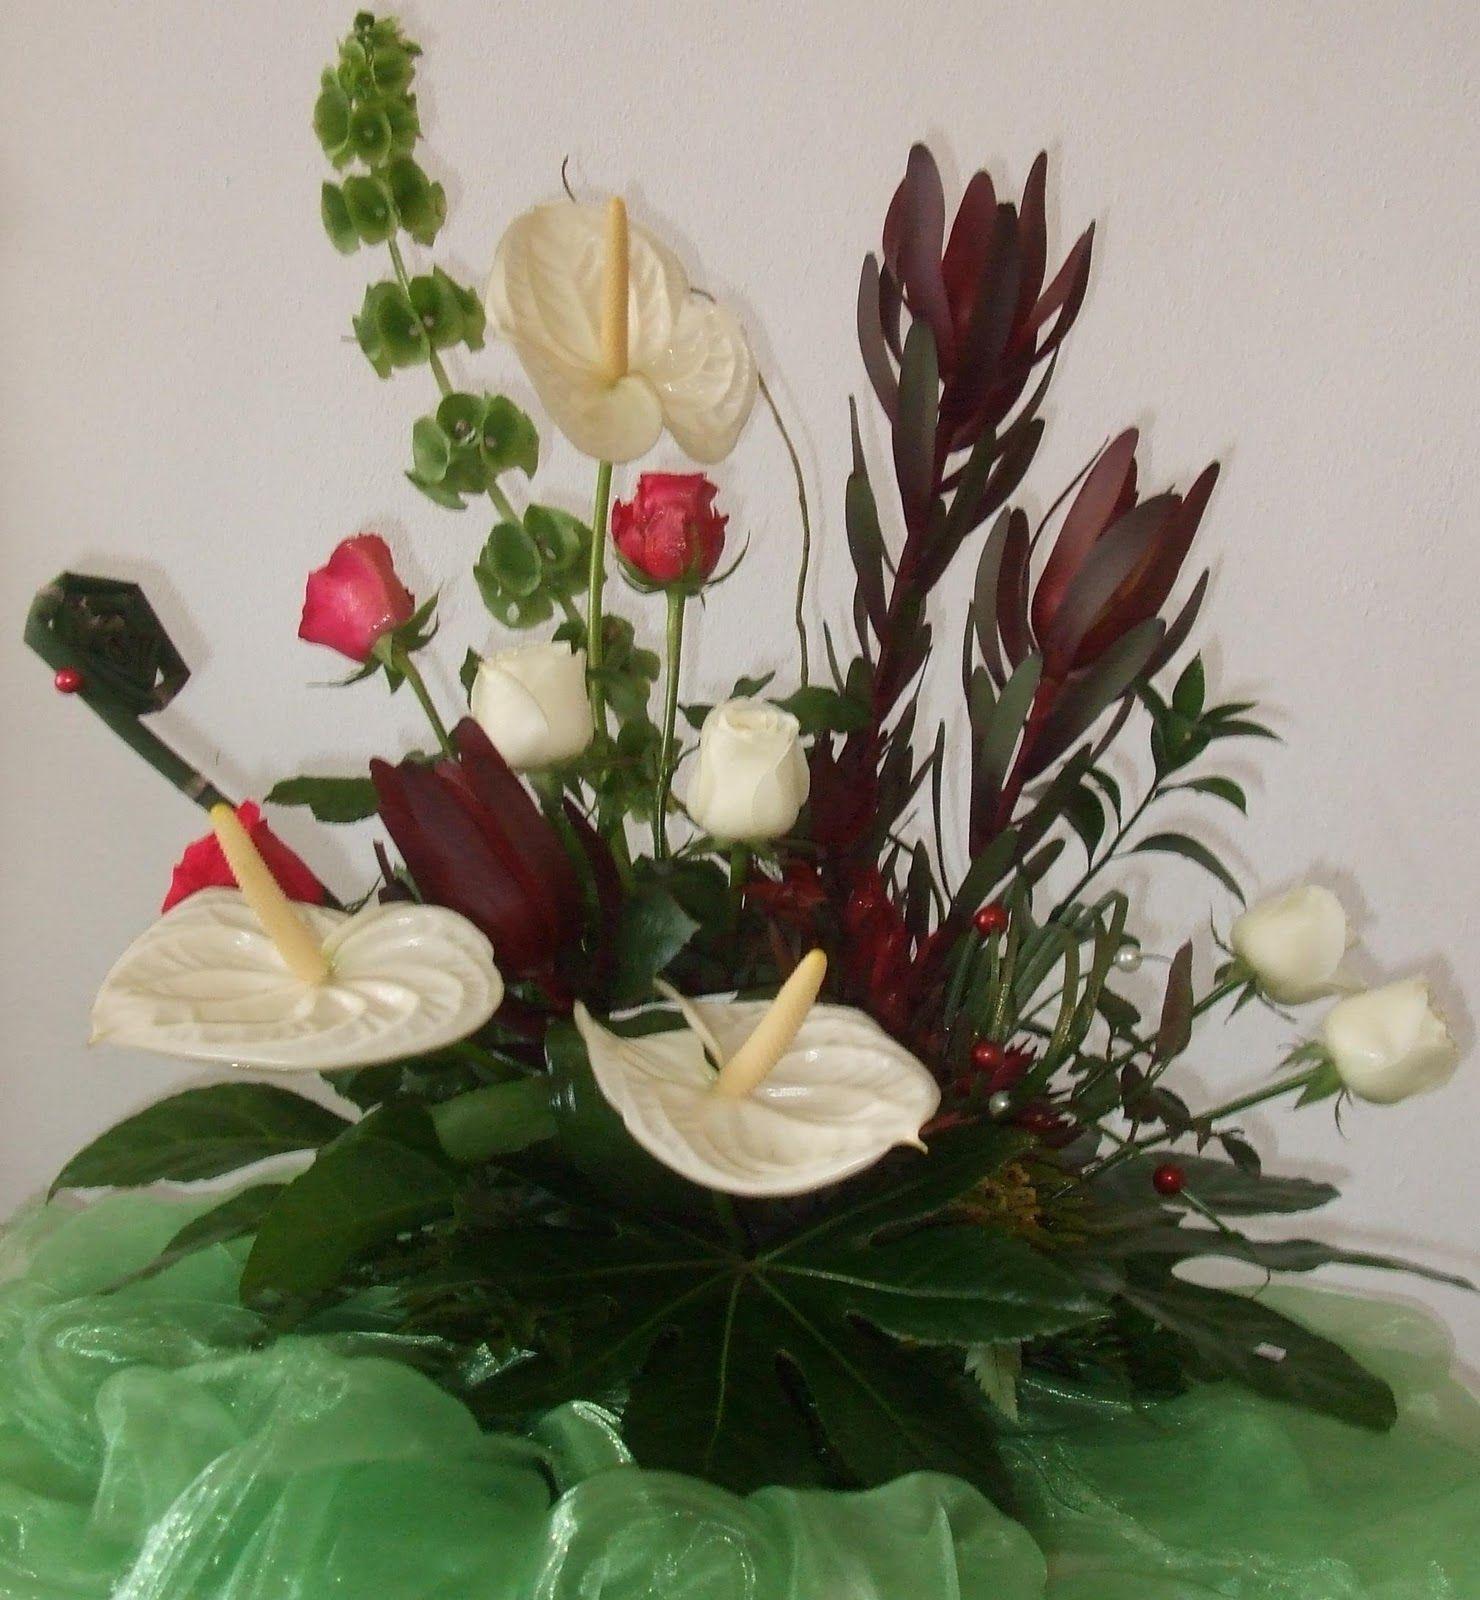 Arranjos Finados Arranjos De Flores Arranjos Flores